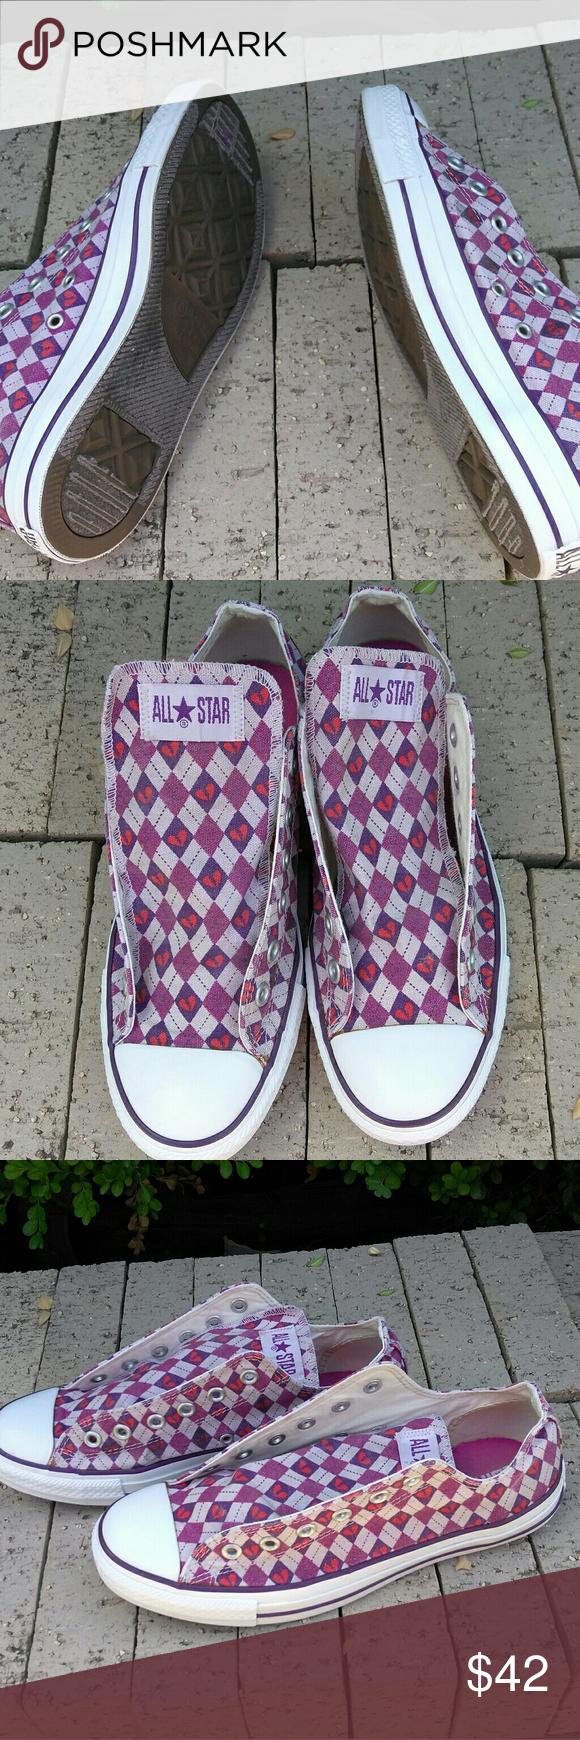 e6f1d8bdfb62 All Star Converse Broken Heart Shoes Men 8 Women 1 All Star Converse Broken  Heart Shoes